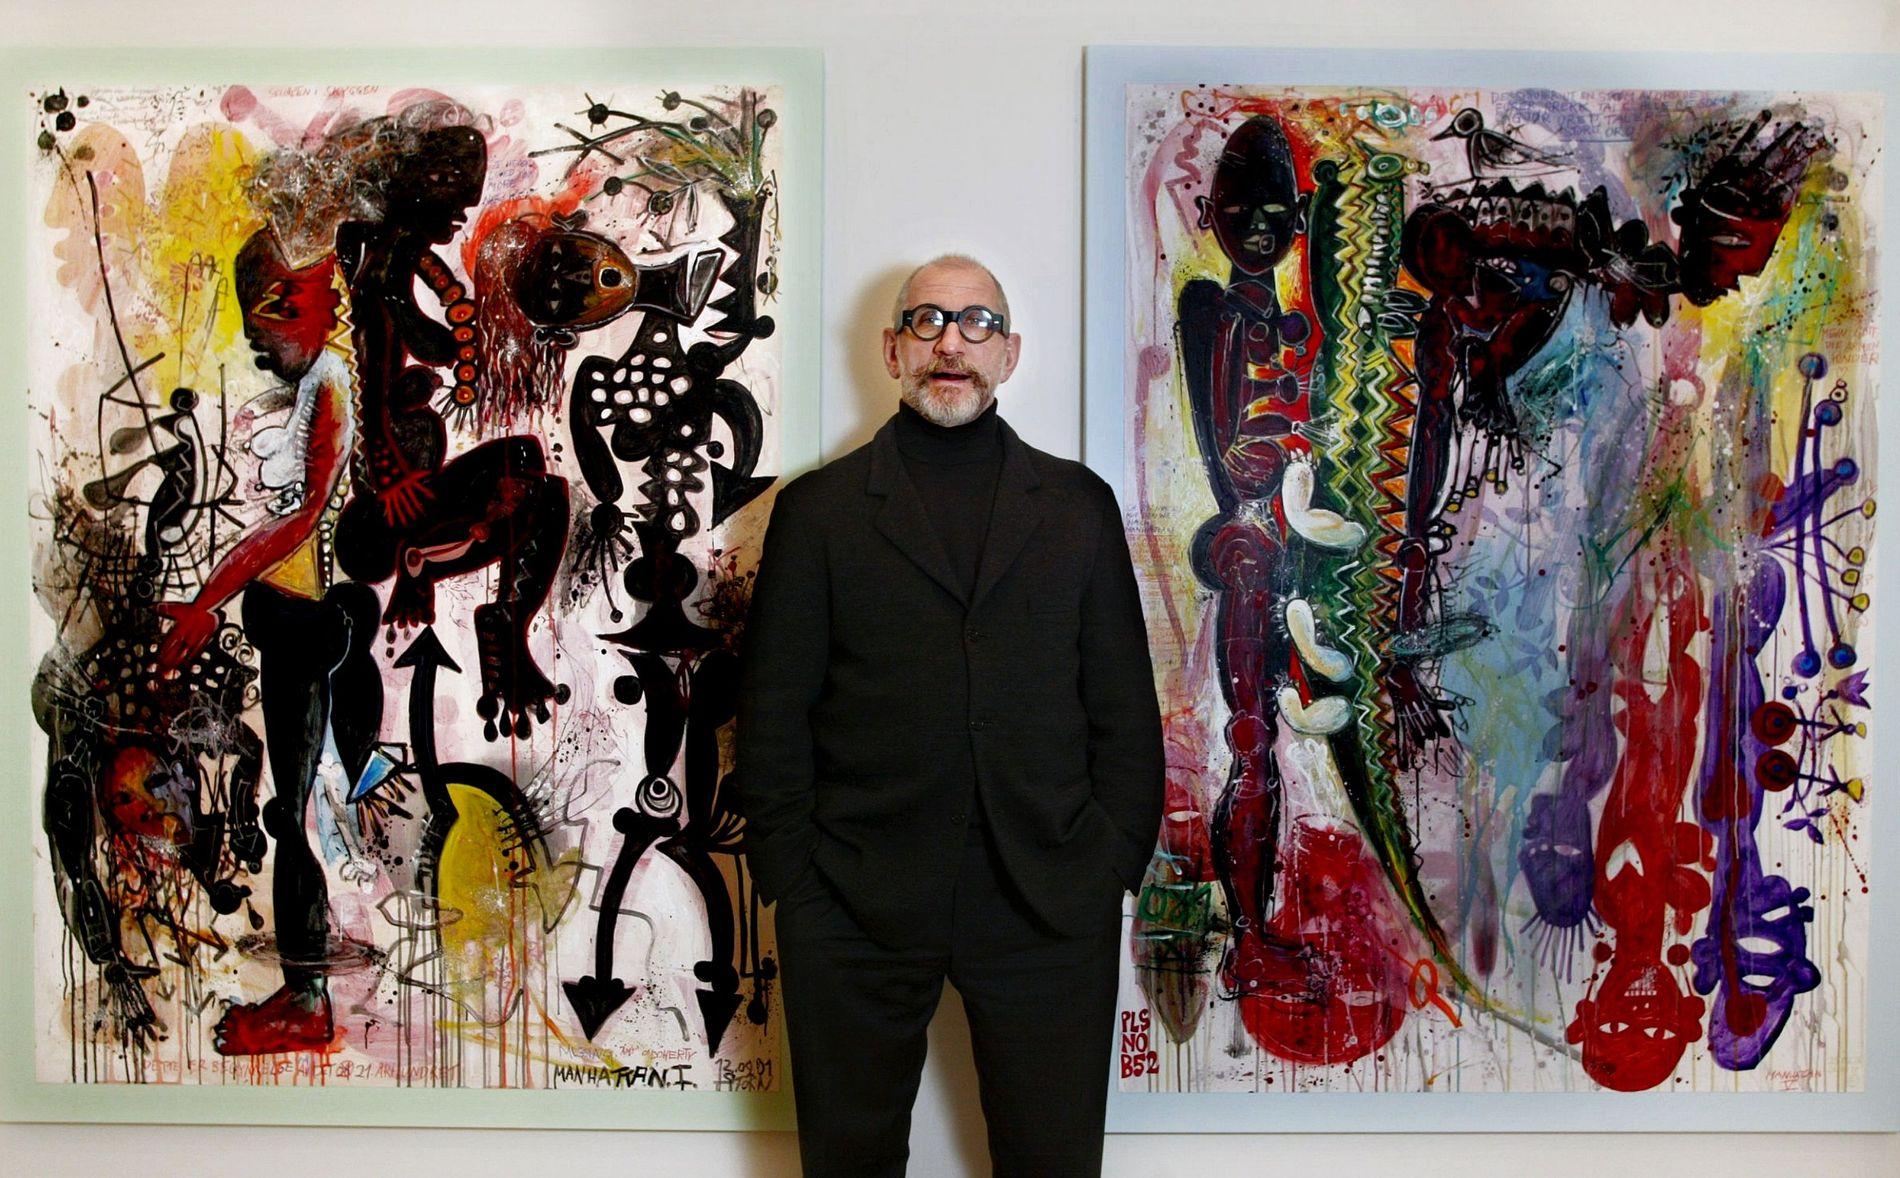 HVA SER DU? Kunstner Willibald Storn hadde i 2002 utstillingen «What do you see» på Galleri Brandstrup. Mange av bildene er en refleksjon over 11. september.